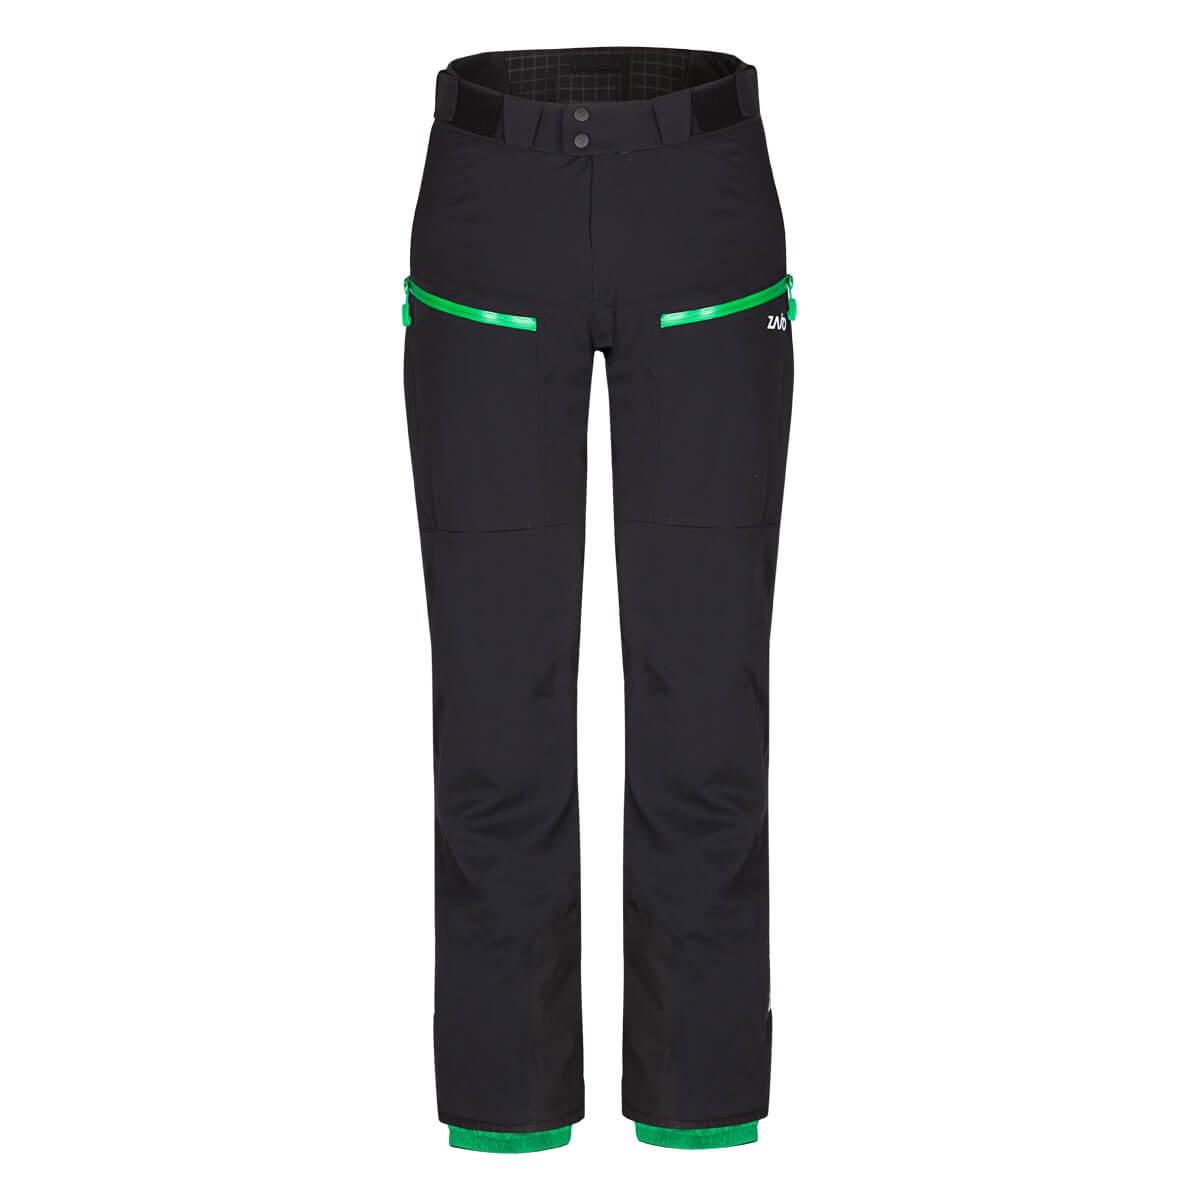 Pánske lyžiarske nohavice Zajo Nassfeld W Pants Black - veľkosť M